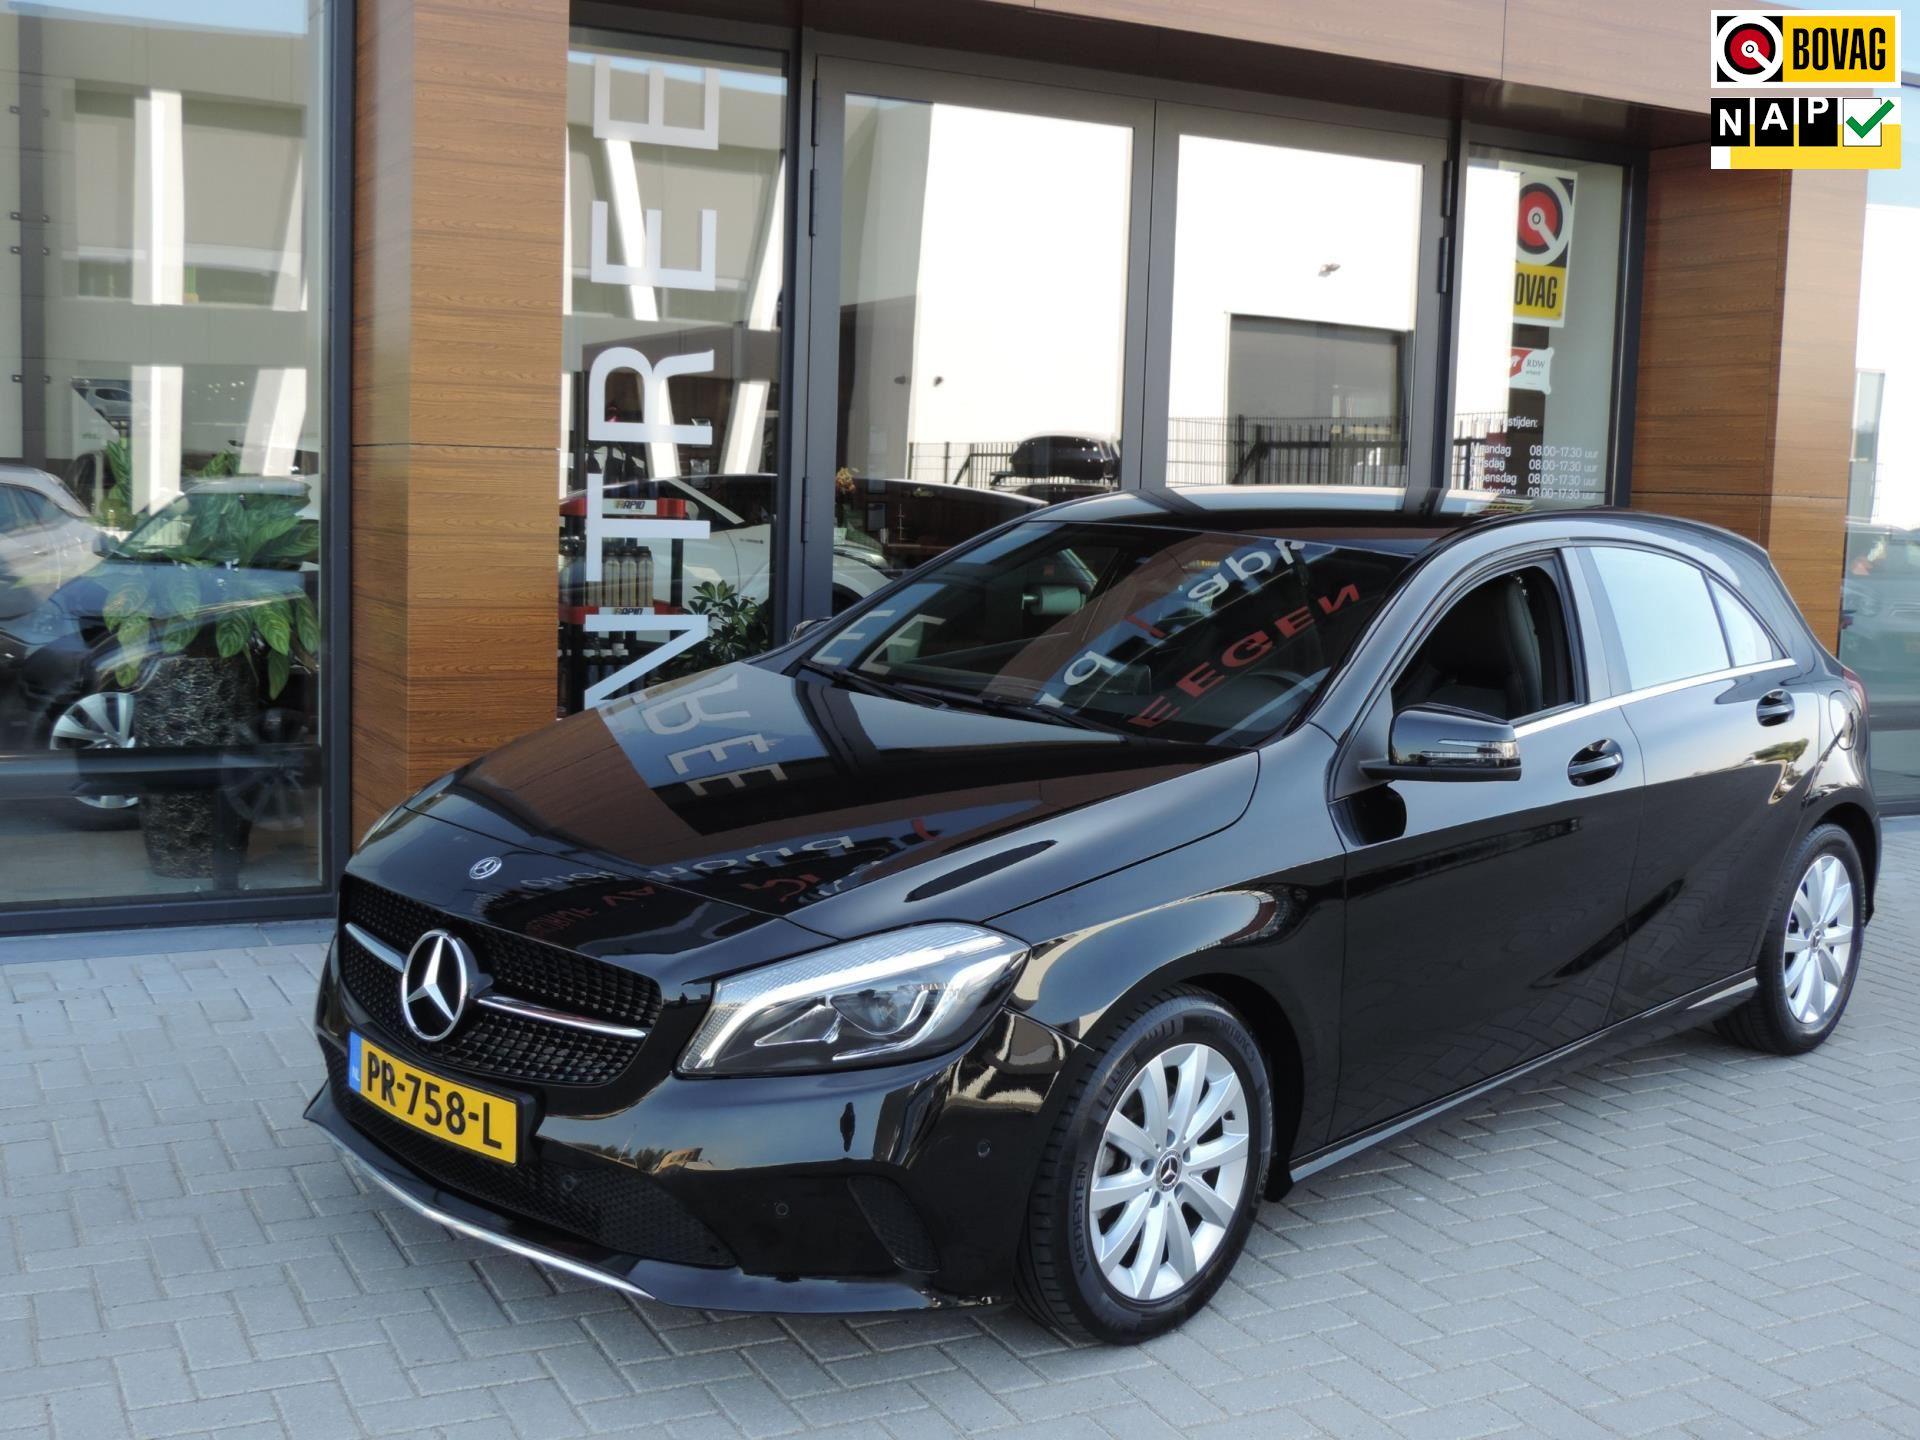 Mercedes-Benz A-klasse occasion - Autobedrijf van Meegen